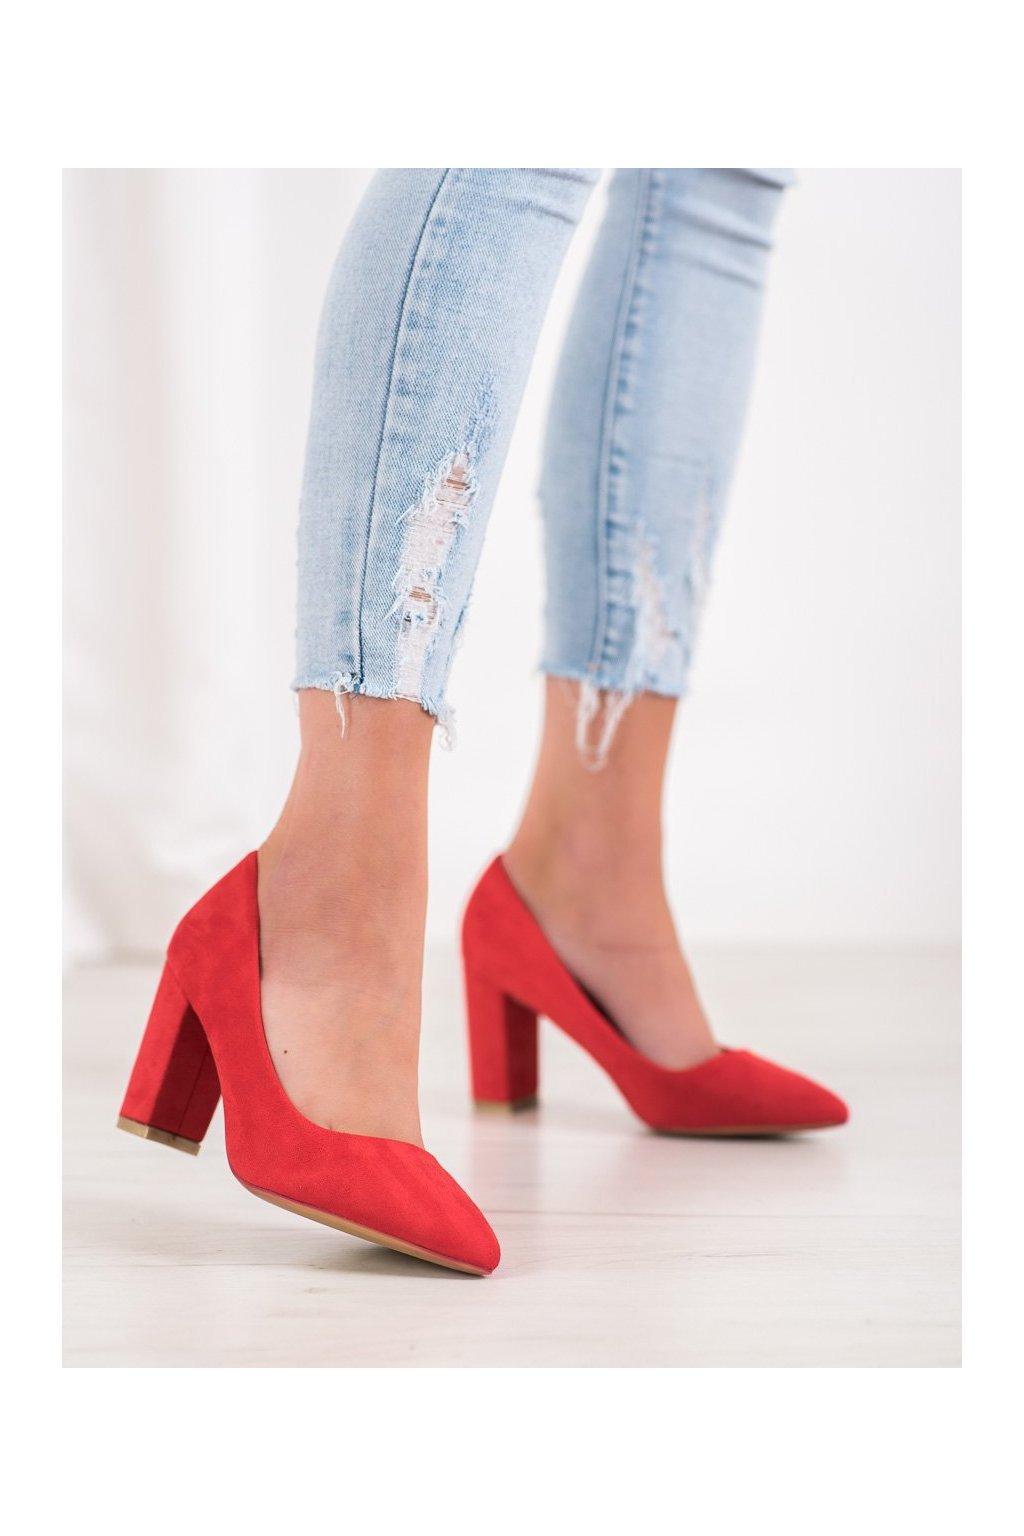 Červené dámske lodičky Shelovet kod S12-R